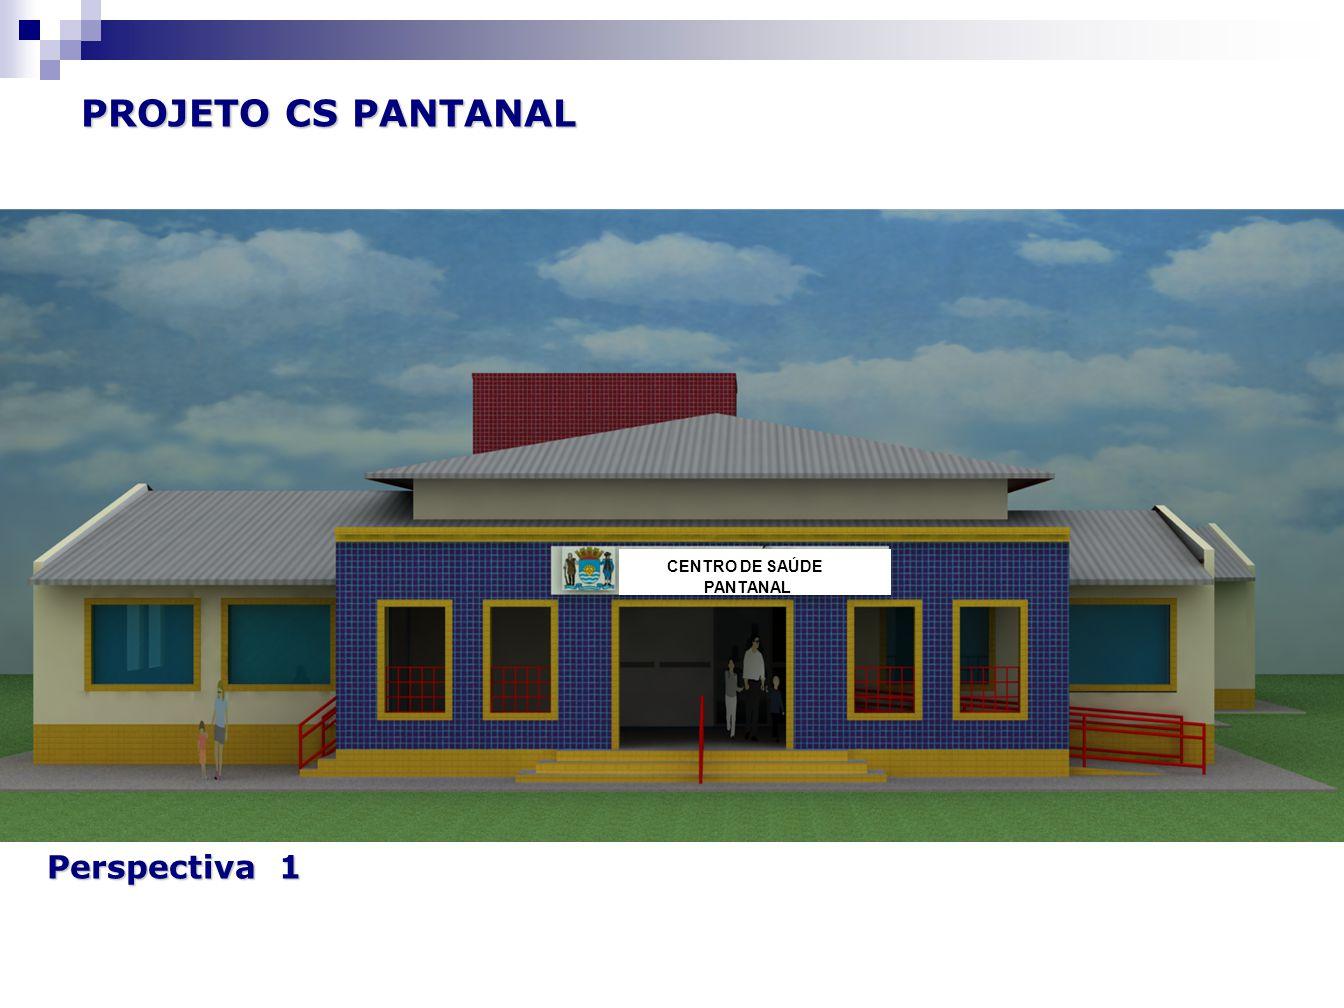 Perspectiva 1 PROJETO CS PANTANAL CENTRO DE SAÚDE PANTANAL